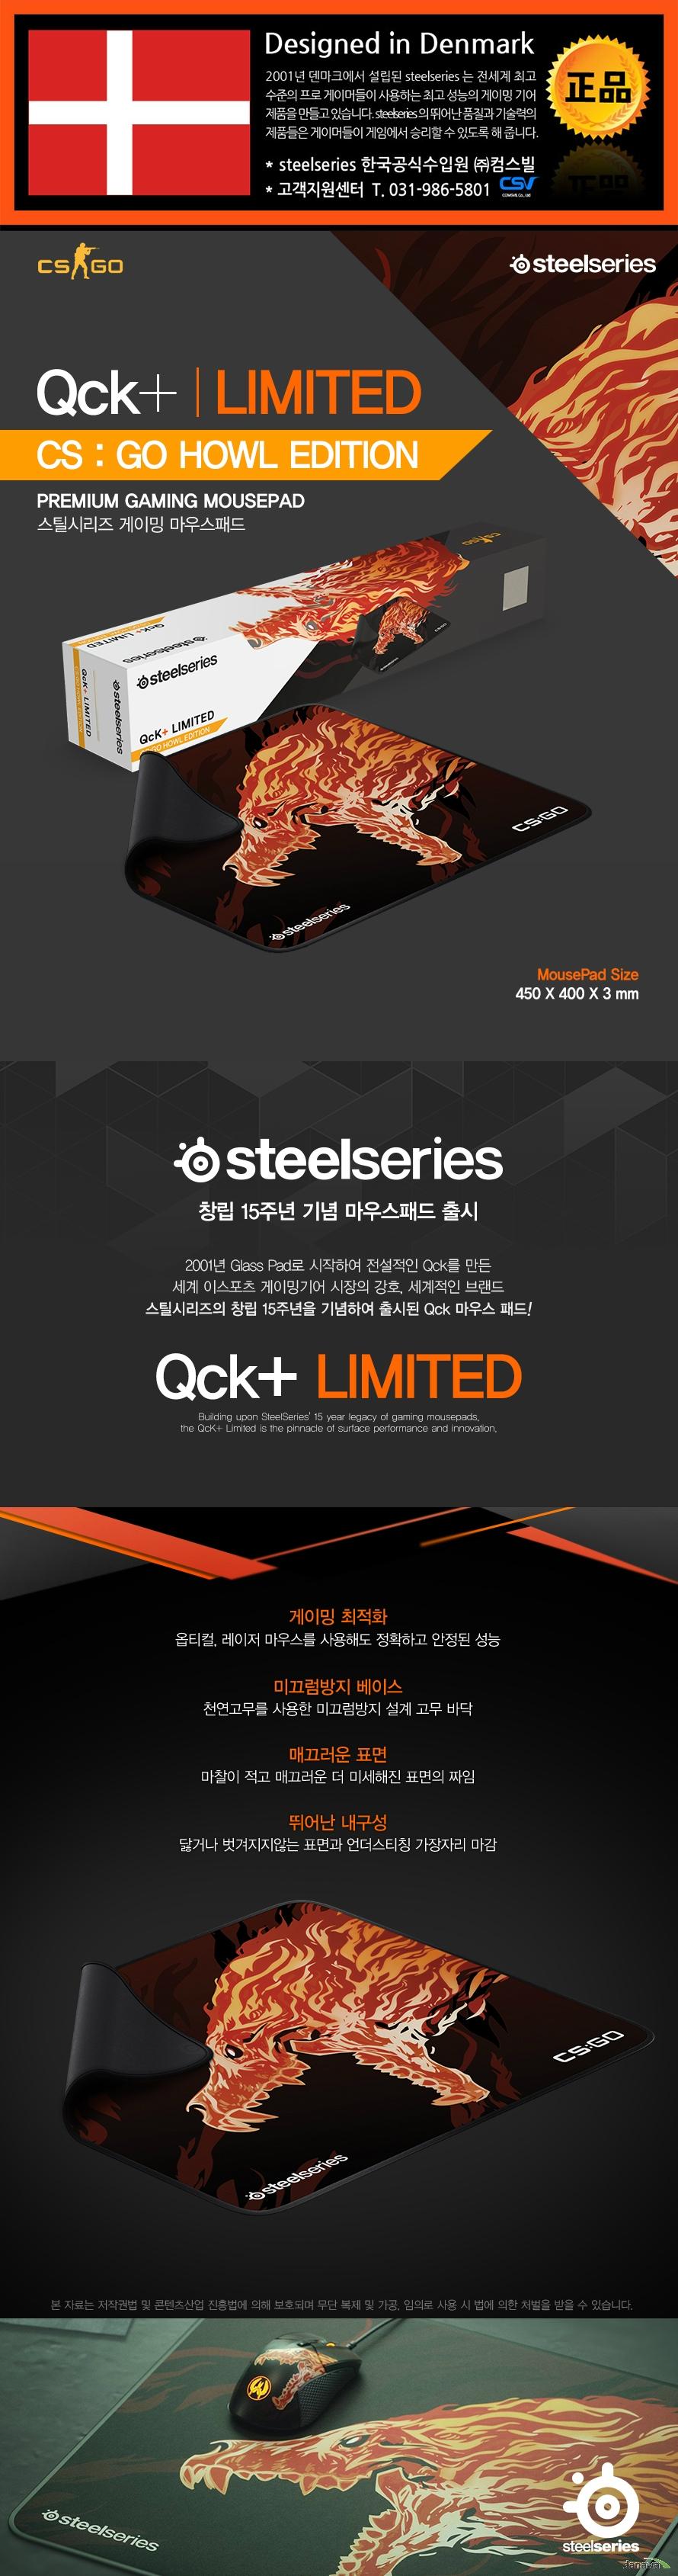 스틸시리즈 QcK+ Limited CS:GO Howl Edition 게이밍 마우스패드  제품 상세 정보  스티칭 엣지 적용 마이크로 우븐 클로스 재질 적용  가로 450밀리미터 세로 400밀리미터 두께 3밀리미터 무게 295그램